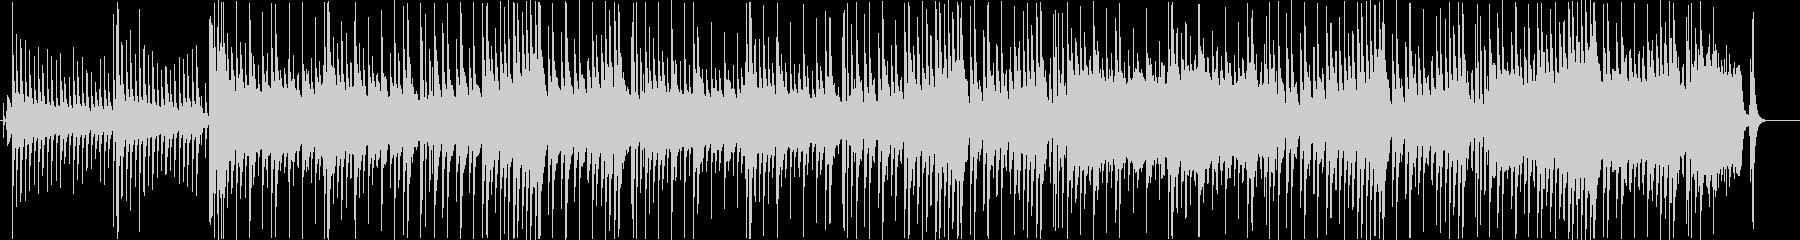 カリンバの音色が優しい雰囲気の3拍子の未再生の波形